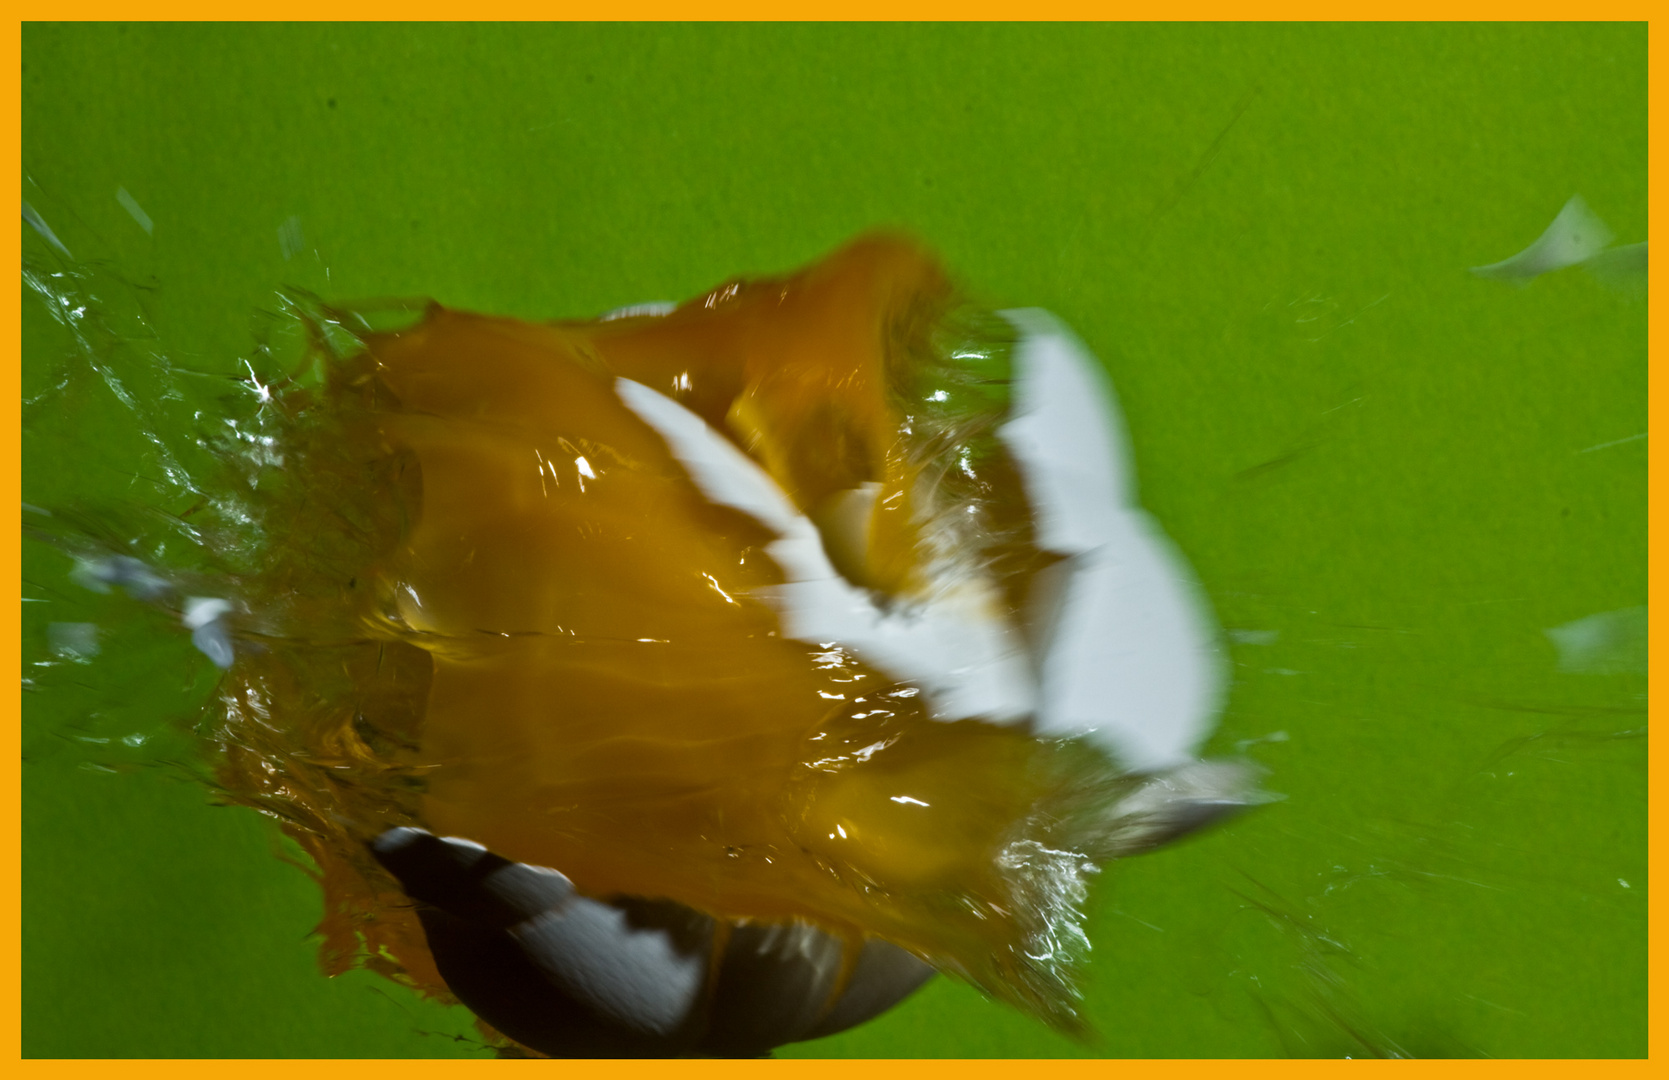 Das Gelbe vom EI -highspeed-